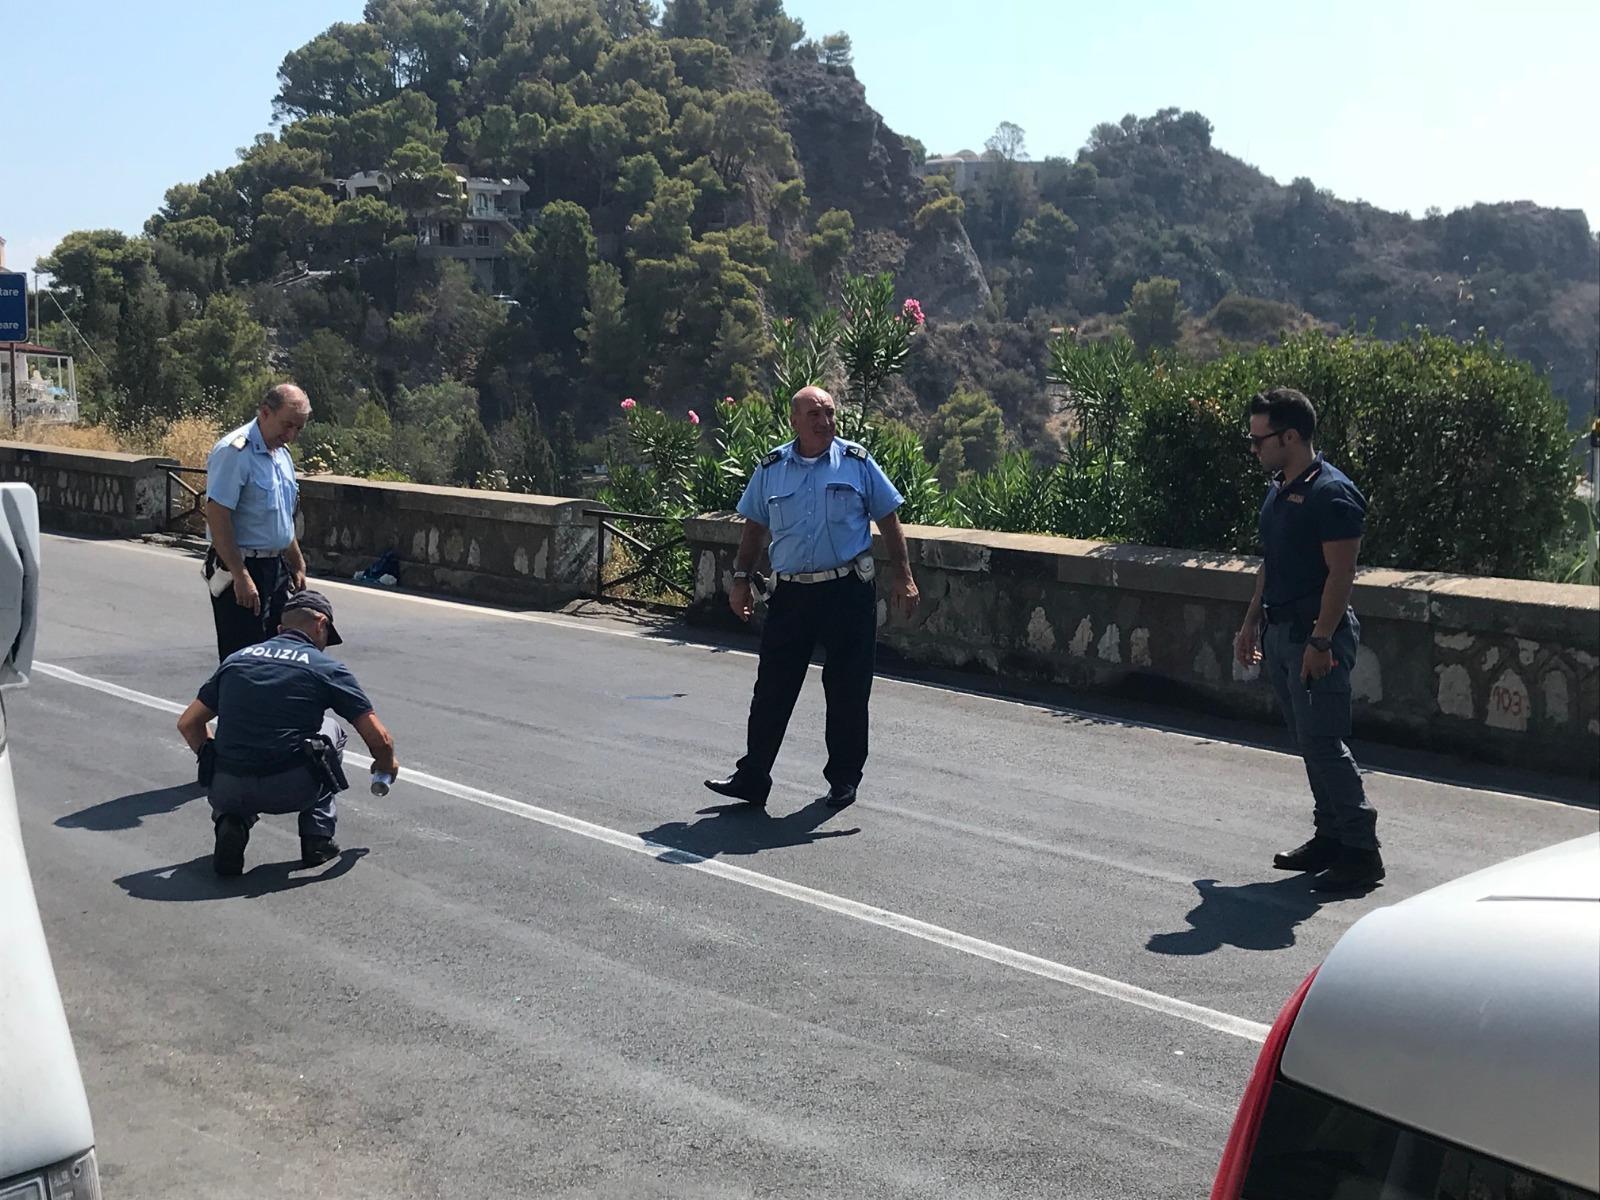 Giovani travolti da un'auto a Taormina: quattro feriti, grave una ragazza